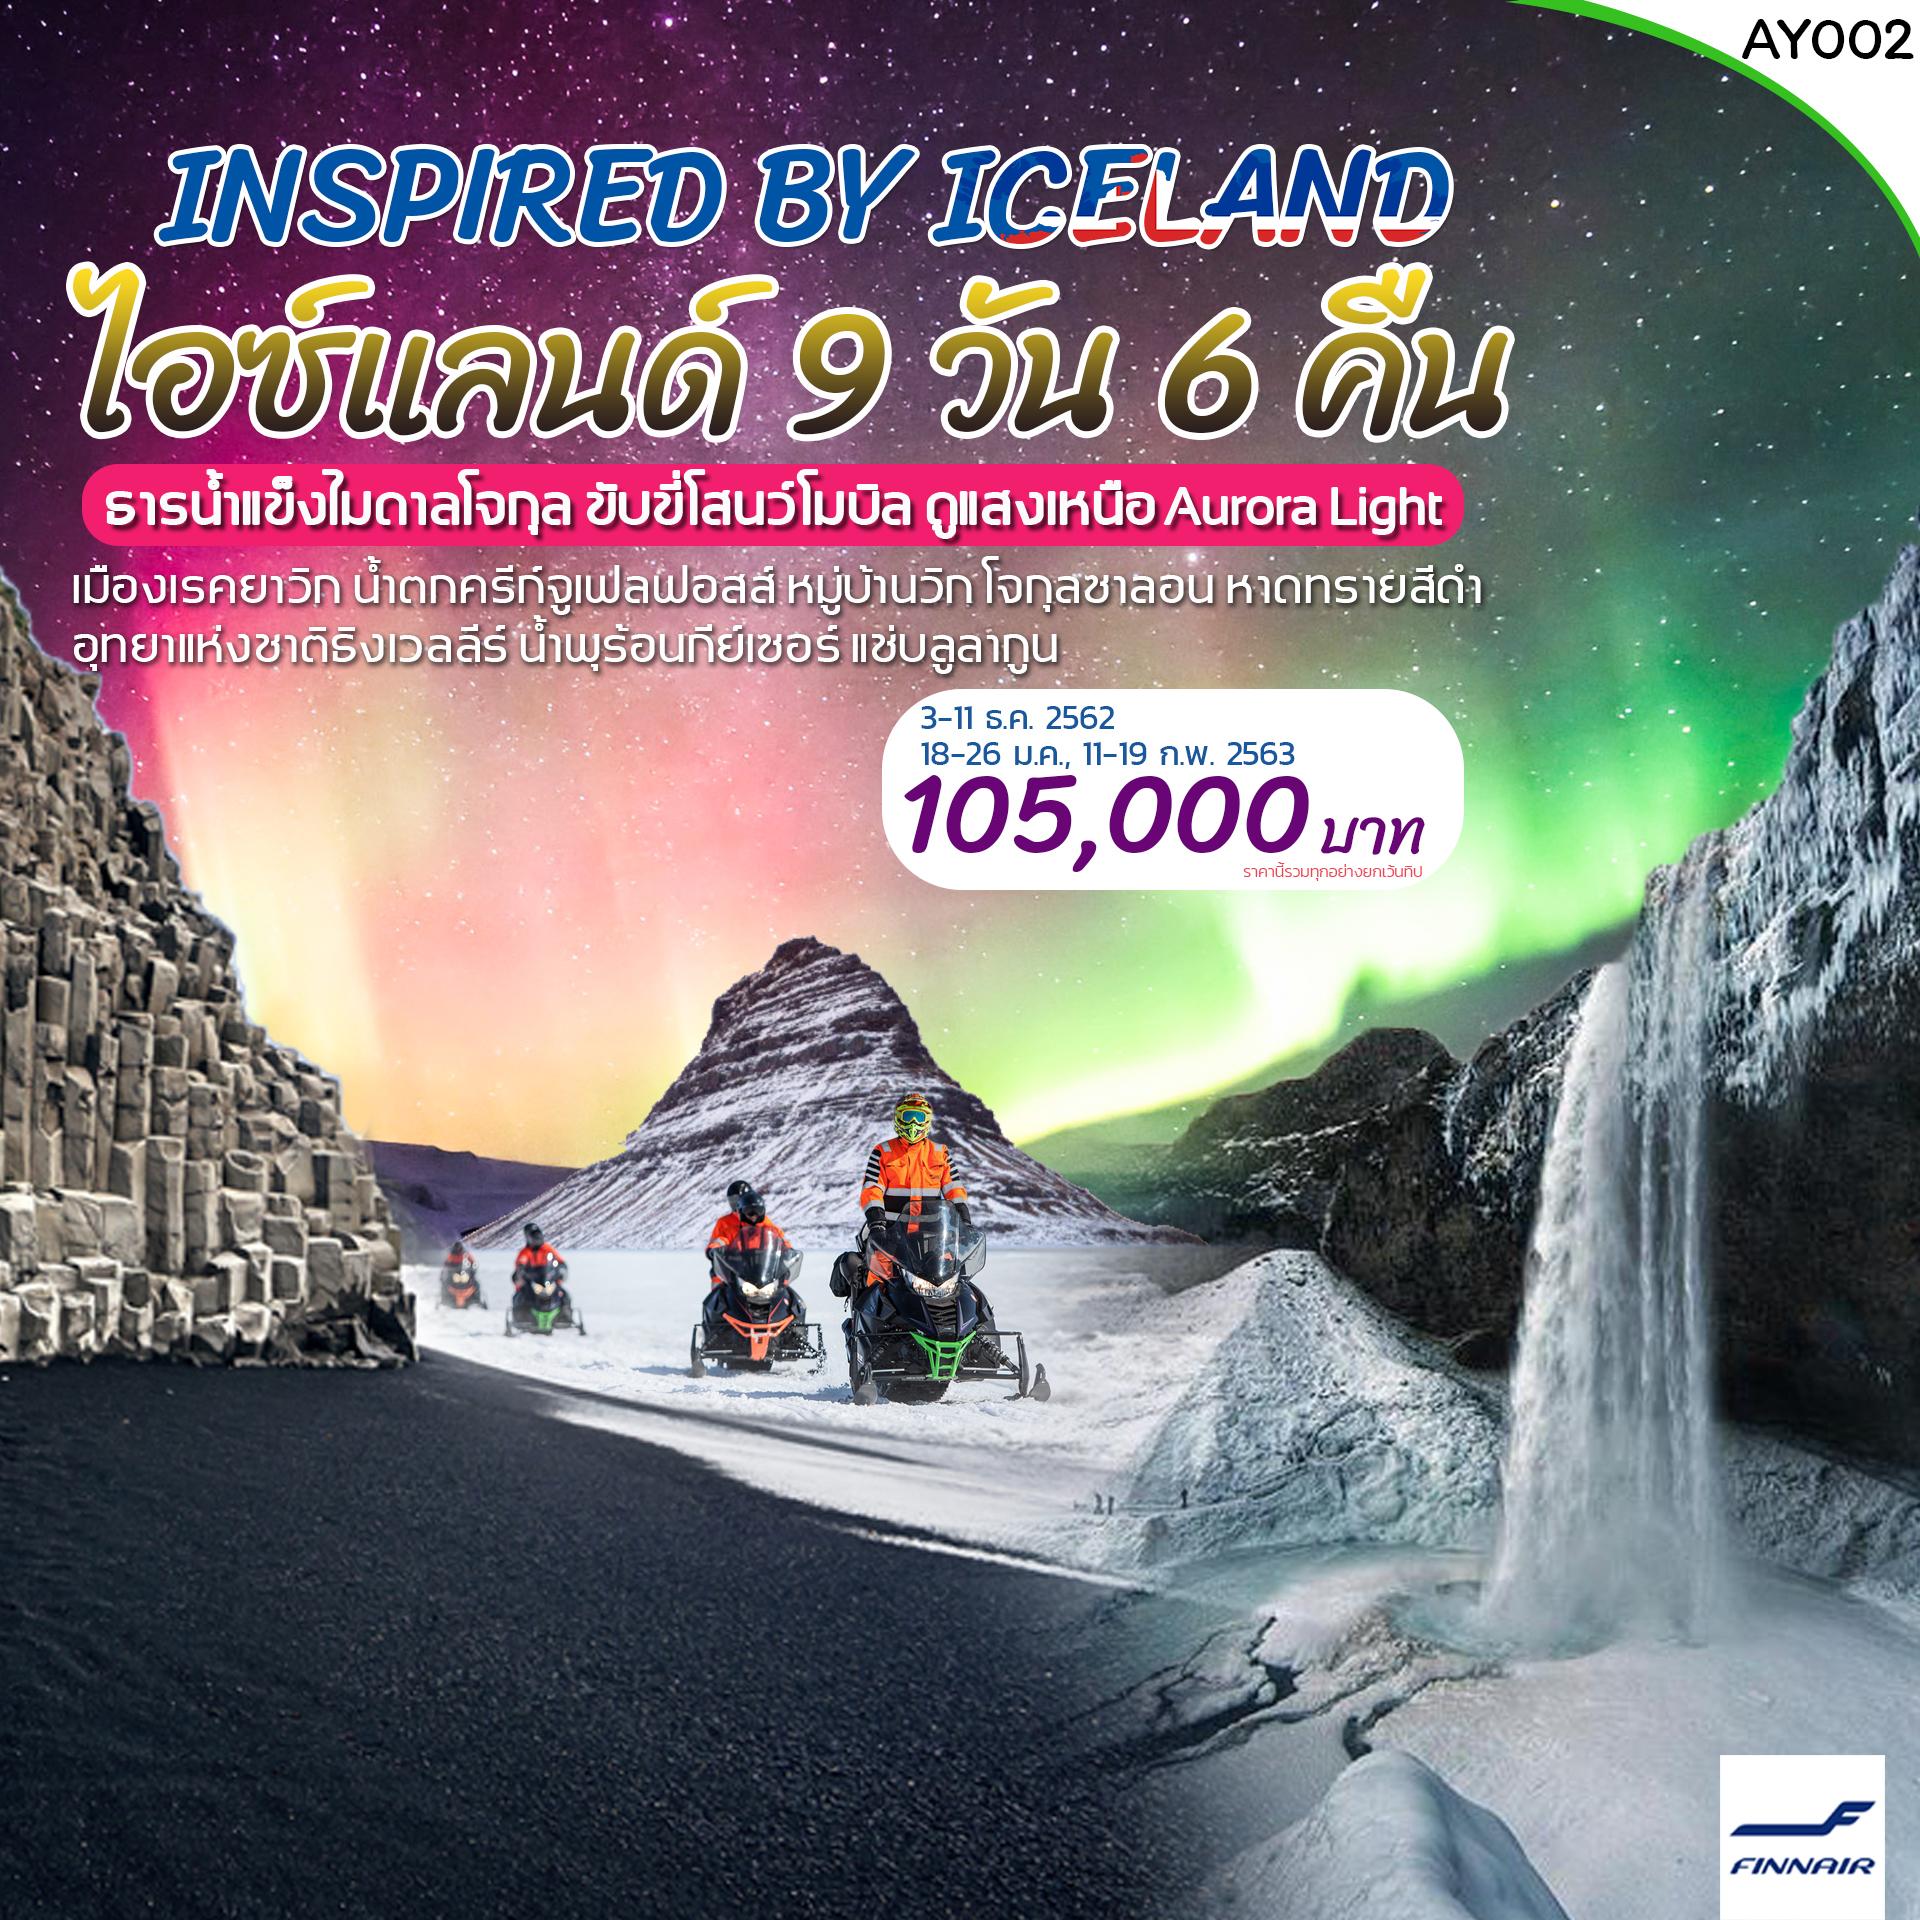 Iceland 9วัน 6คืน